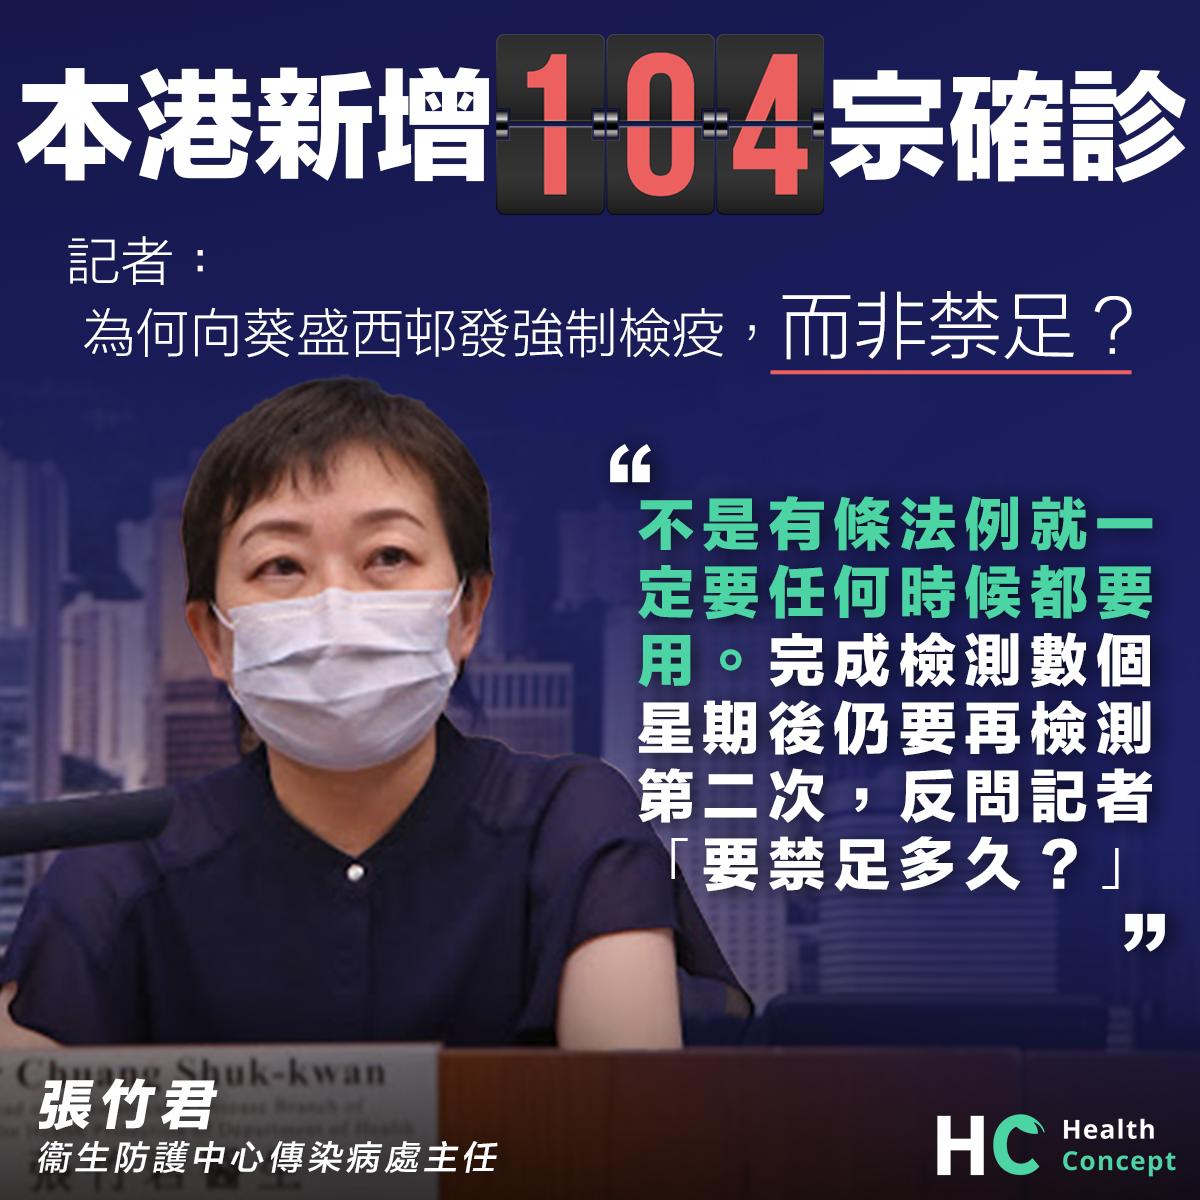 本港新增104宗確診 4地點爆發須強制檢測